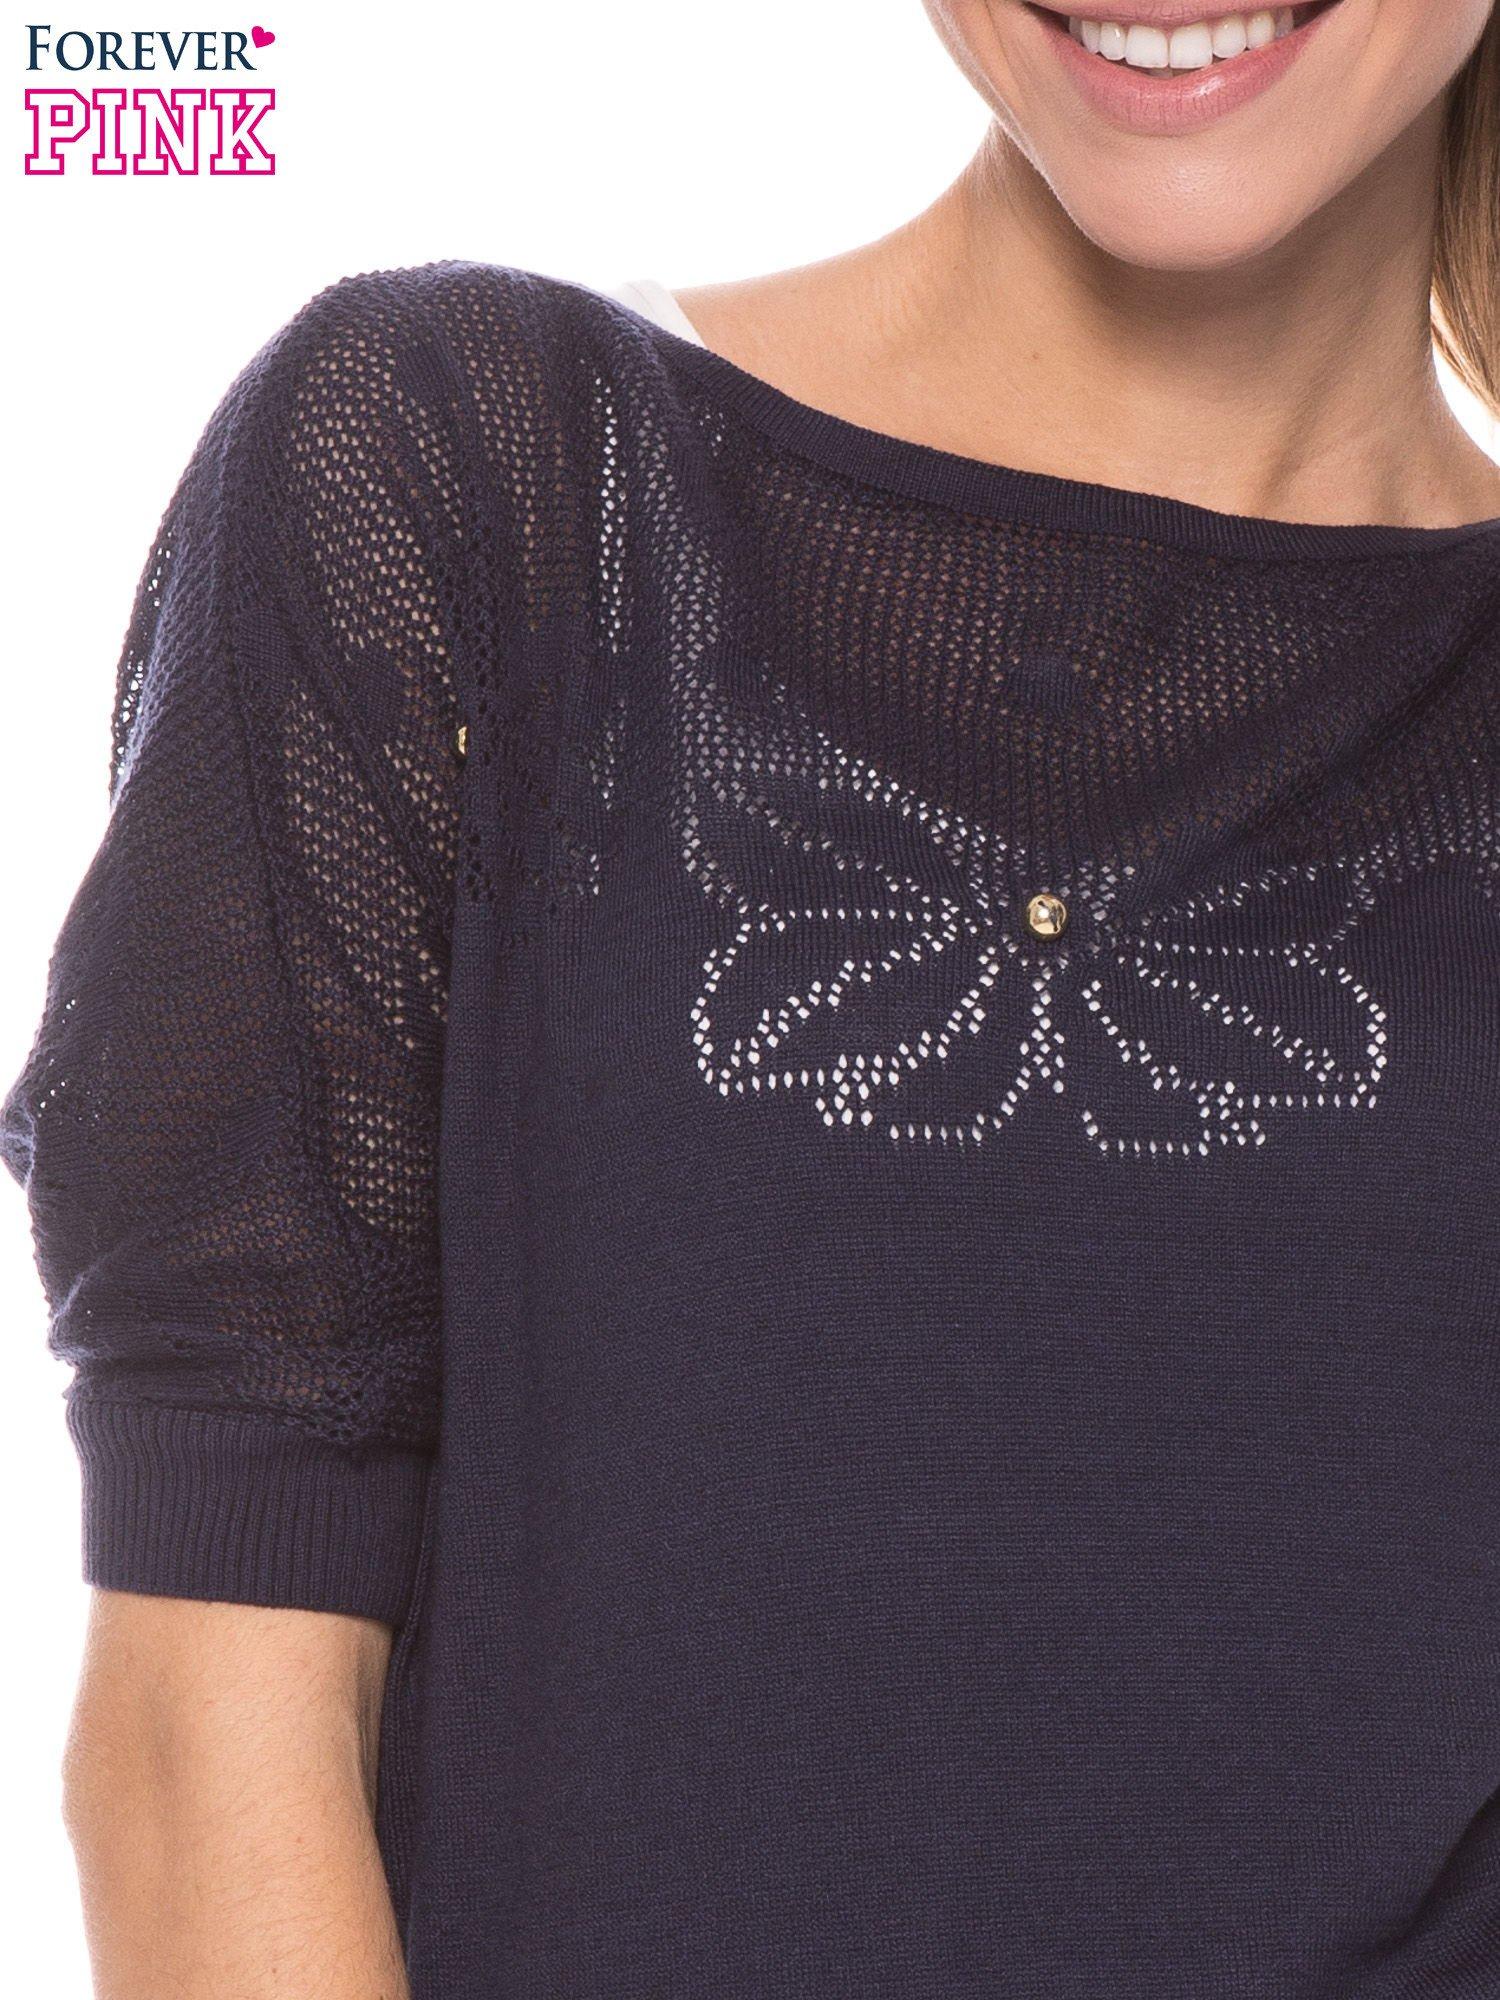 Granatowy sweter z ażurową górą i krótkim rękawkiem                                  zdj.                                  5